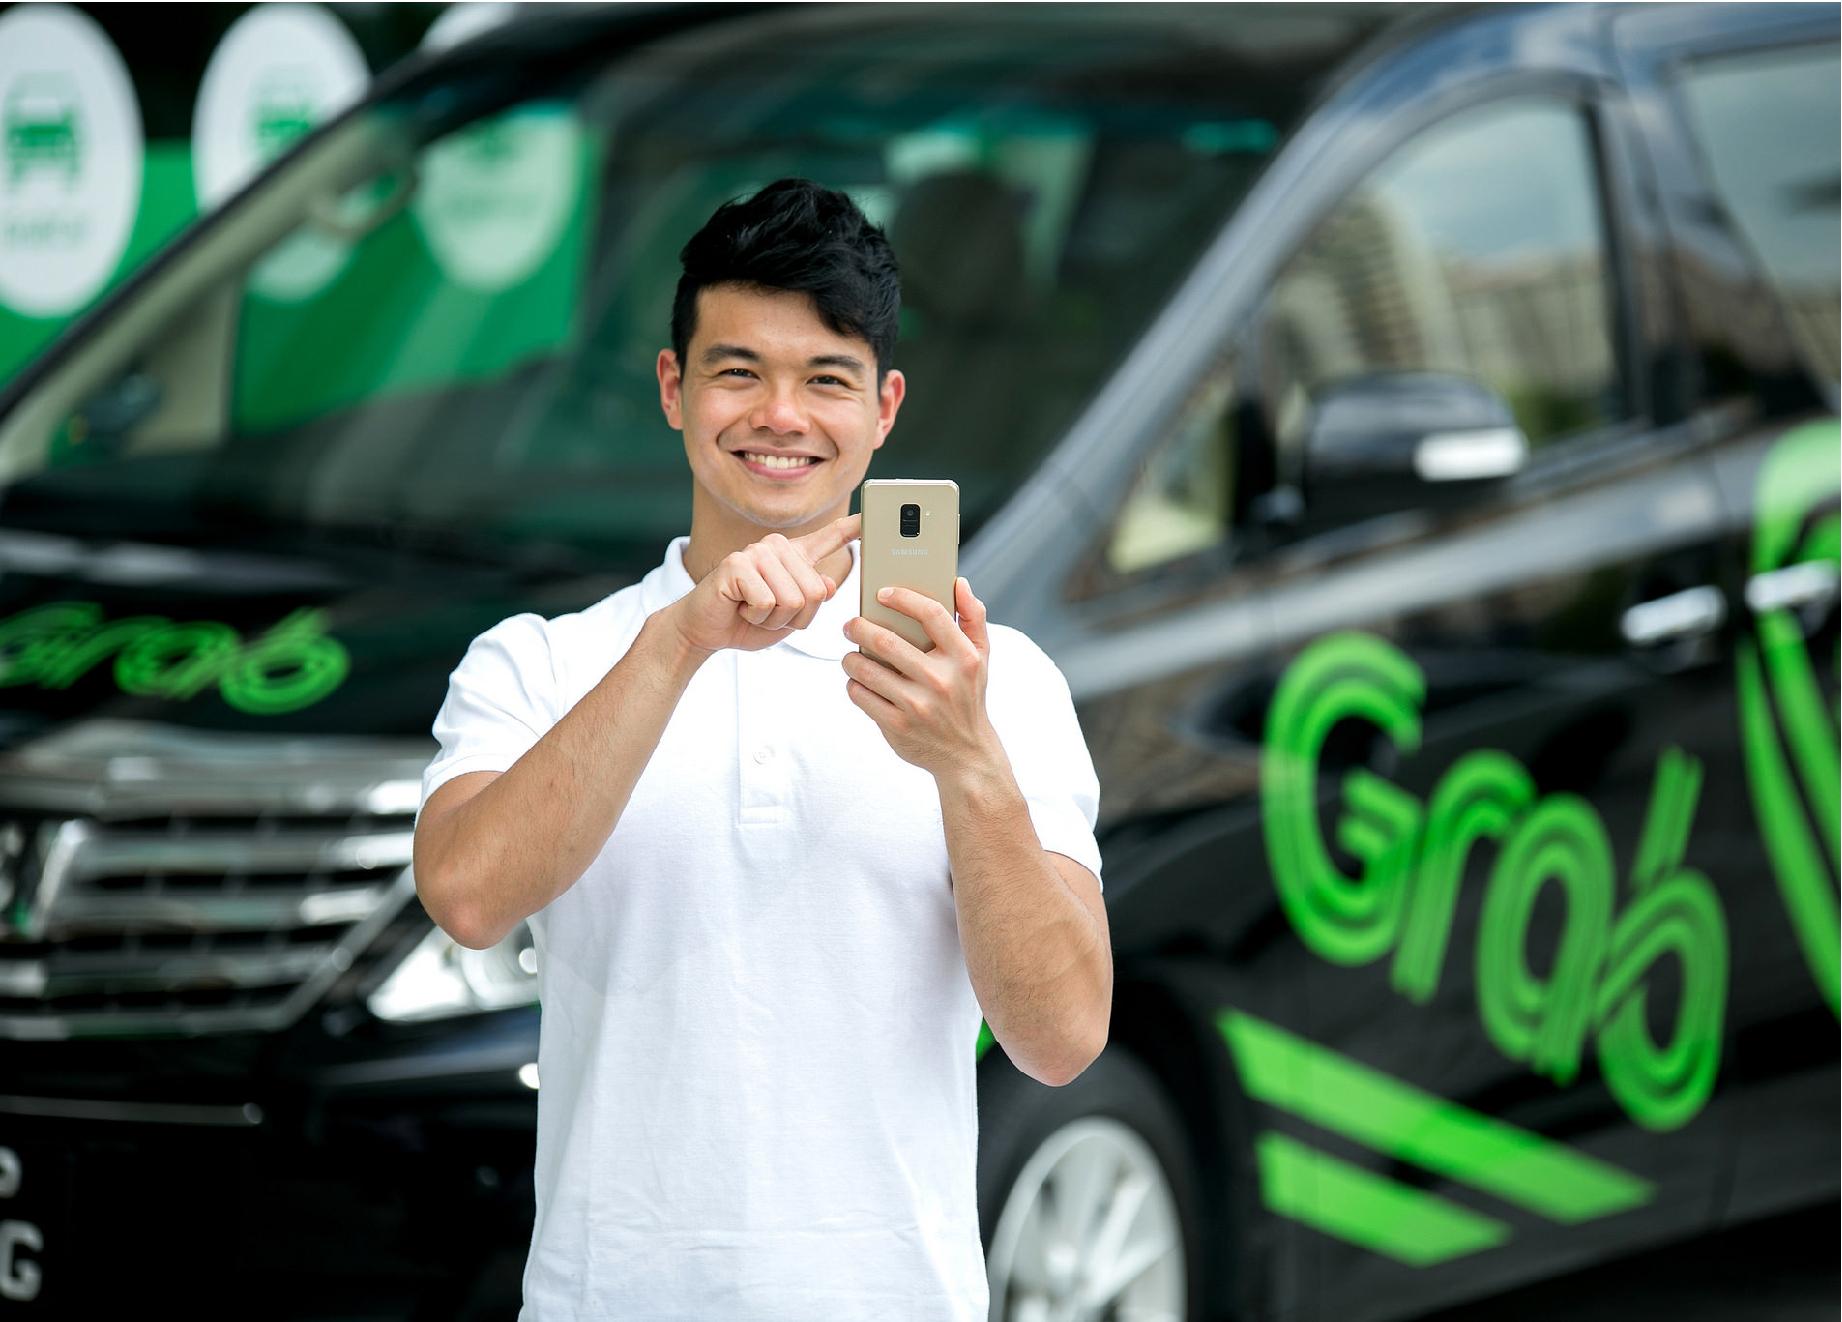 不只是叫車!新加坡叫車平台 Grab 迎戰亞馬遜,推配送服務